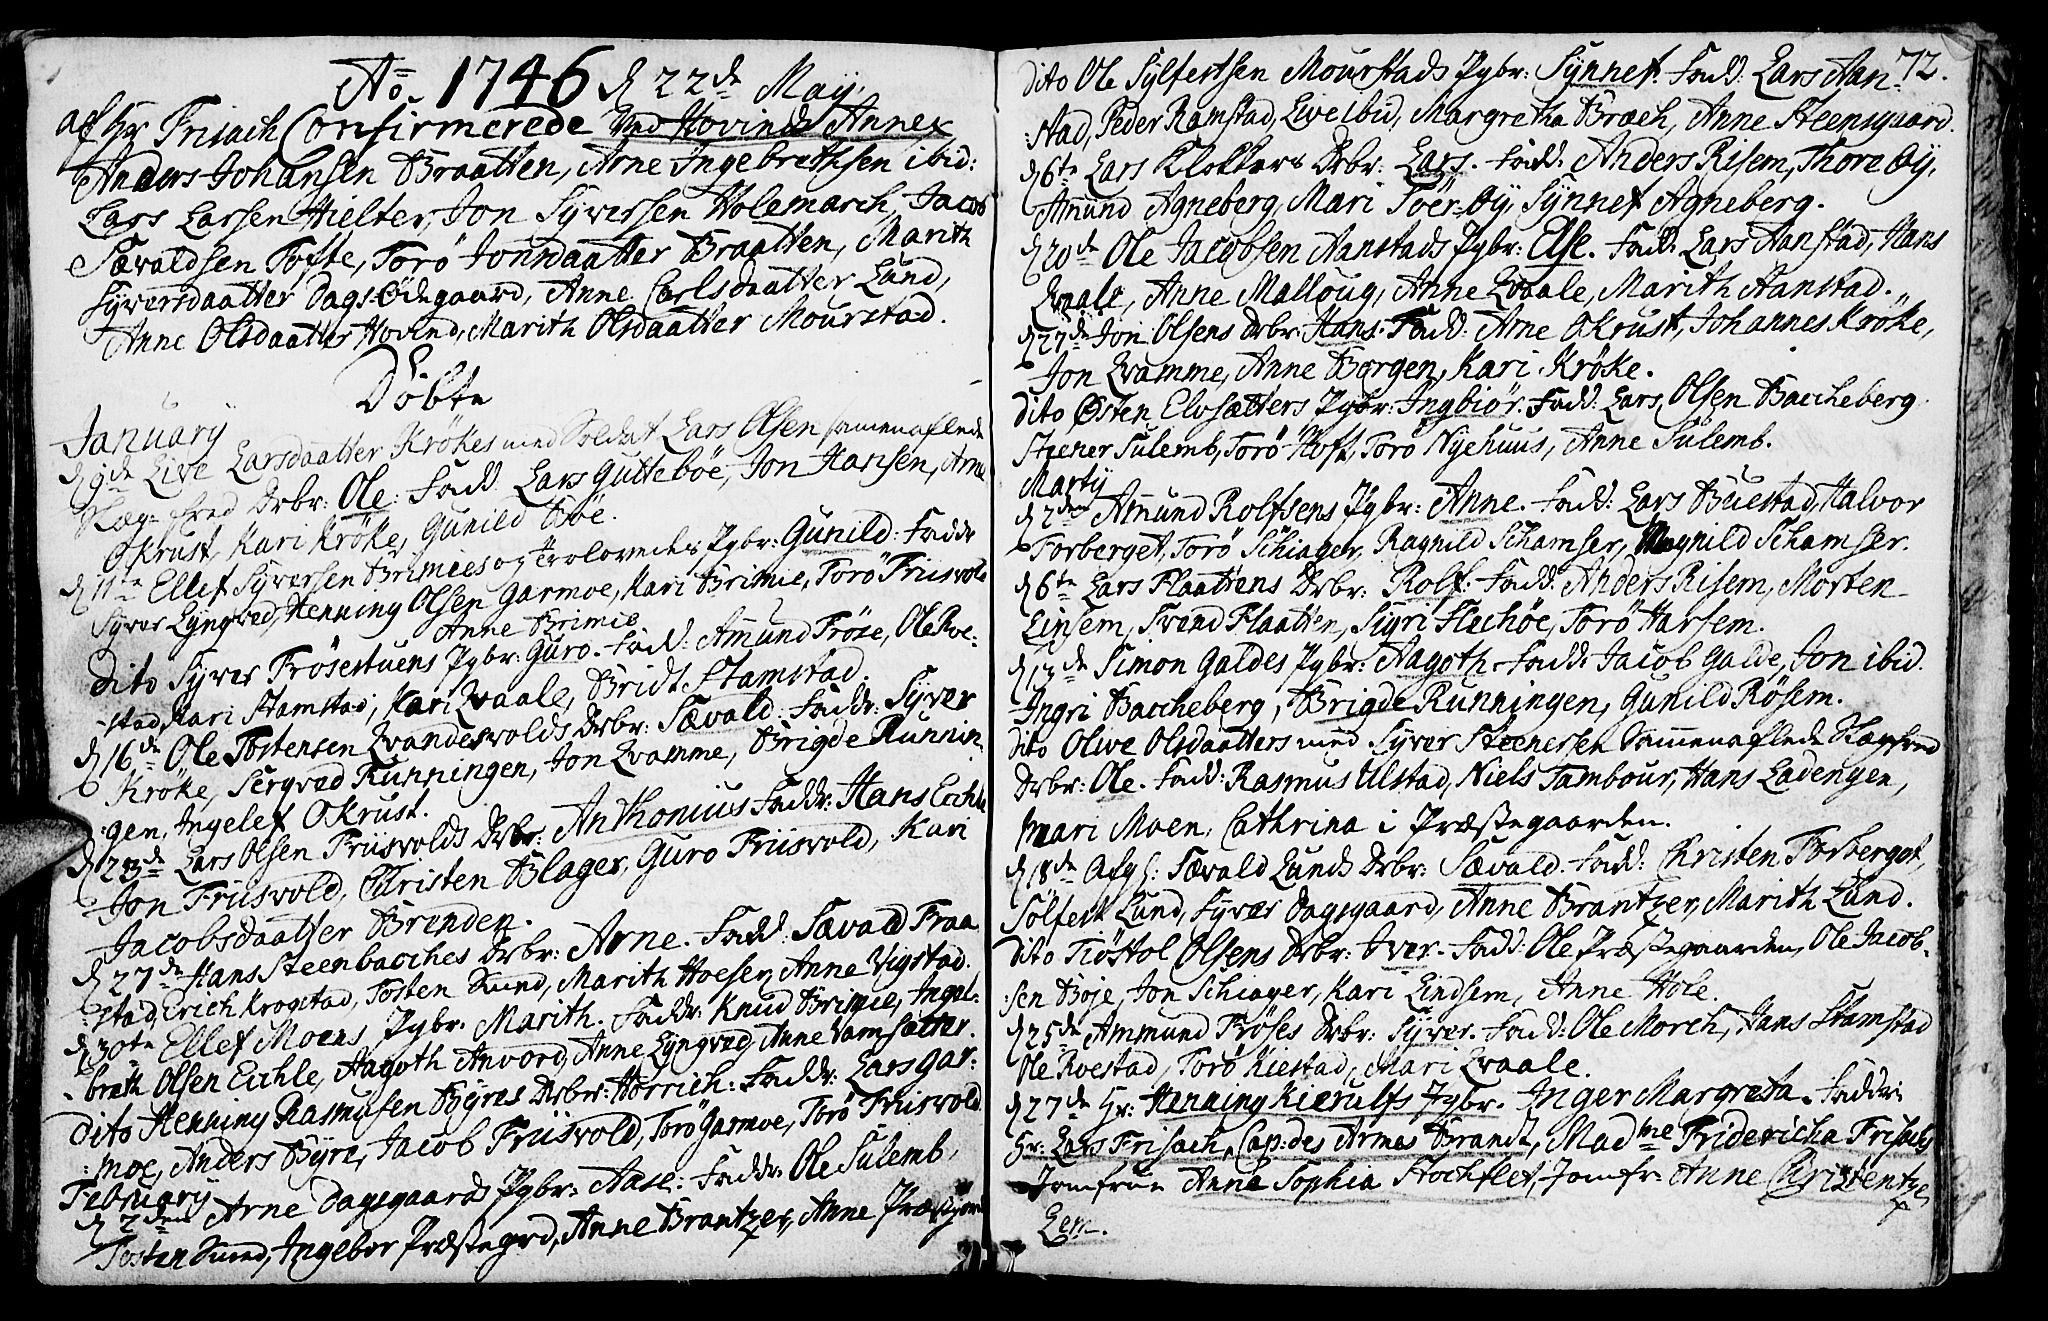 SAH, Lom prestekontor, K/L0001: Ministerialbok nr. 1, 1733-1748, s. 72